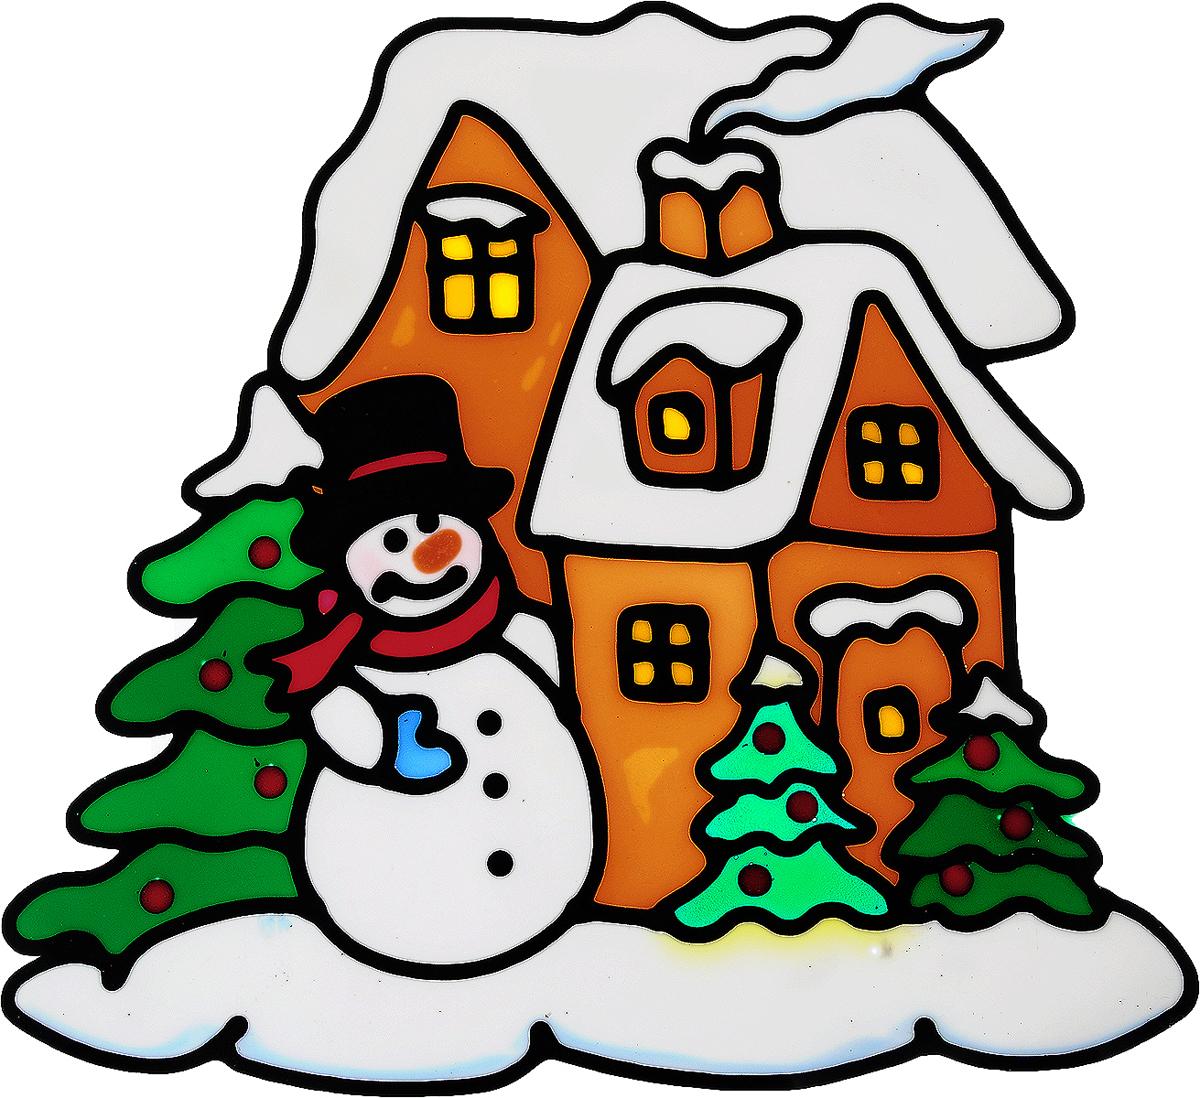 Украшение новогоднее оконное Winter Wings Снеговик у домика, 22 х 21 смRSP-202SНовогоднее оконное украшение Winter Wings Снеговик у домика поможет украсить дом к предстоящим праздникам. Наклейка изготовлена из ПВХ.С помощью этих украшений вы сможете оживить интерьер по своему вкусу, наклеить их на окно, на зеркало или на дверь.Новогодние украшения всегда несут в себе волшебство и красоту праздника. Создайте в своем доме атмосферу тепла, веселья и радости, украшая его всей семьей. Размер наклейки: 22 х 21 см.